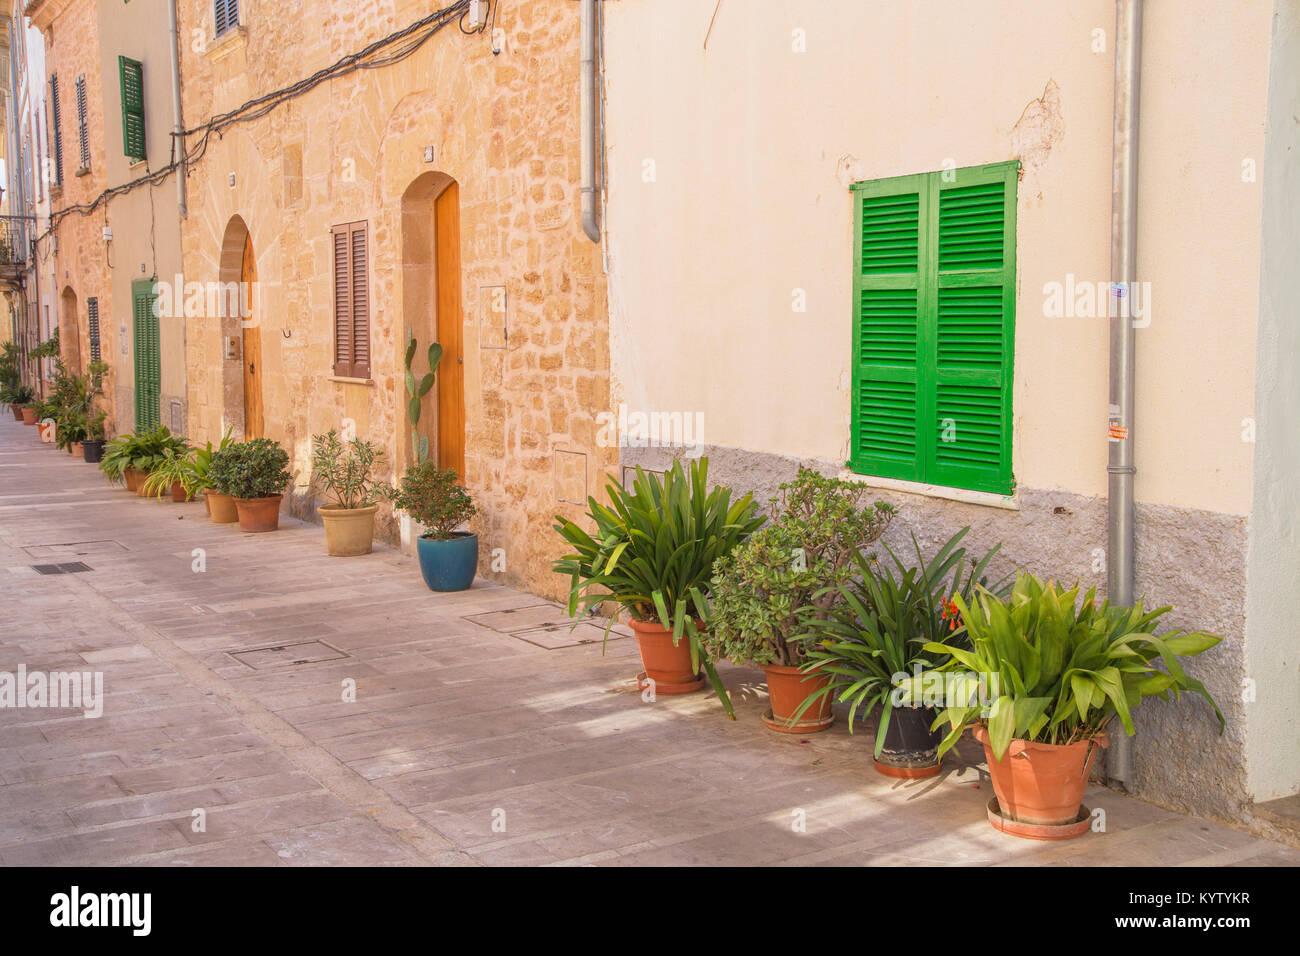 Las calles de la ciudad antigua de Alcudia en Alcudia, Mallorca, Islas Baleares, España, Europa Imagen De Stock